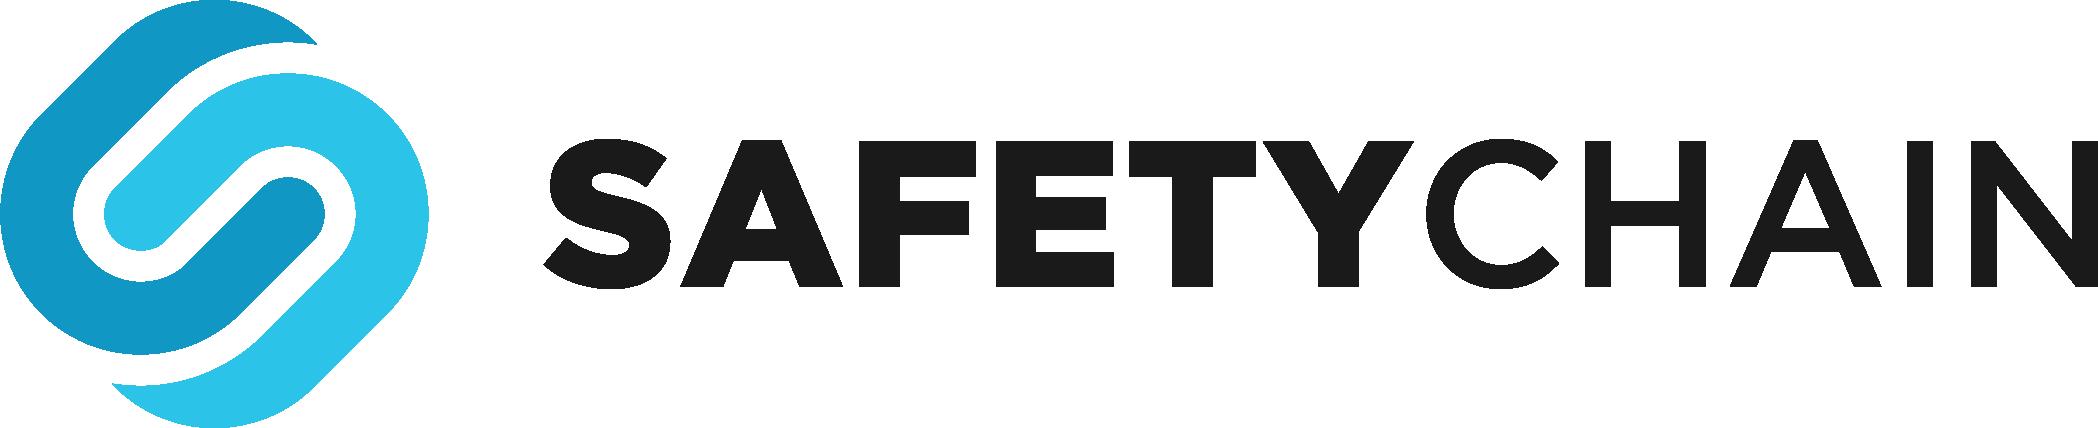 SafetyChain_logo